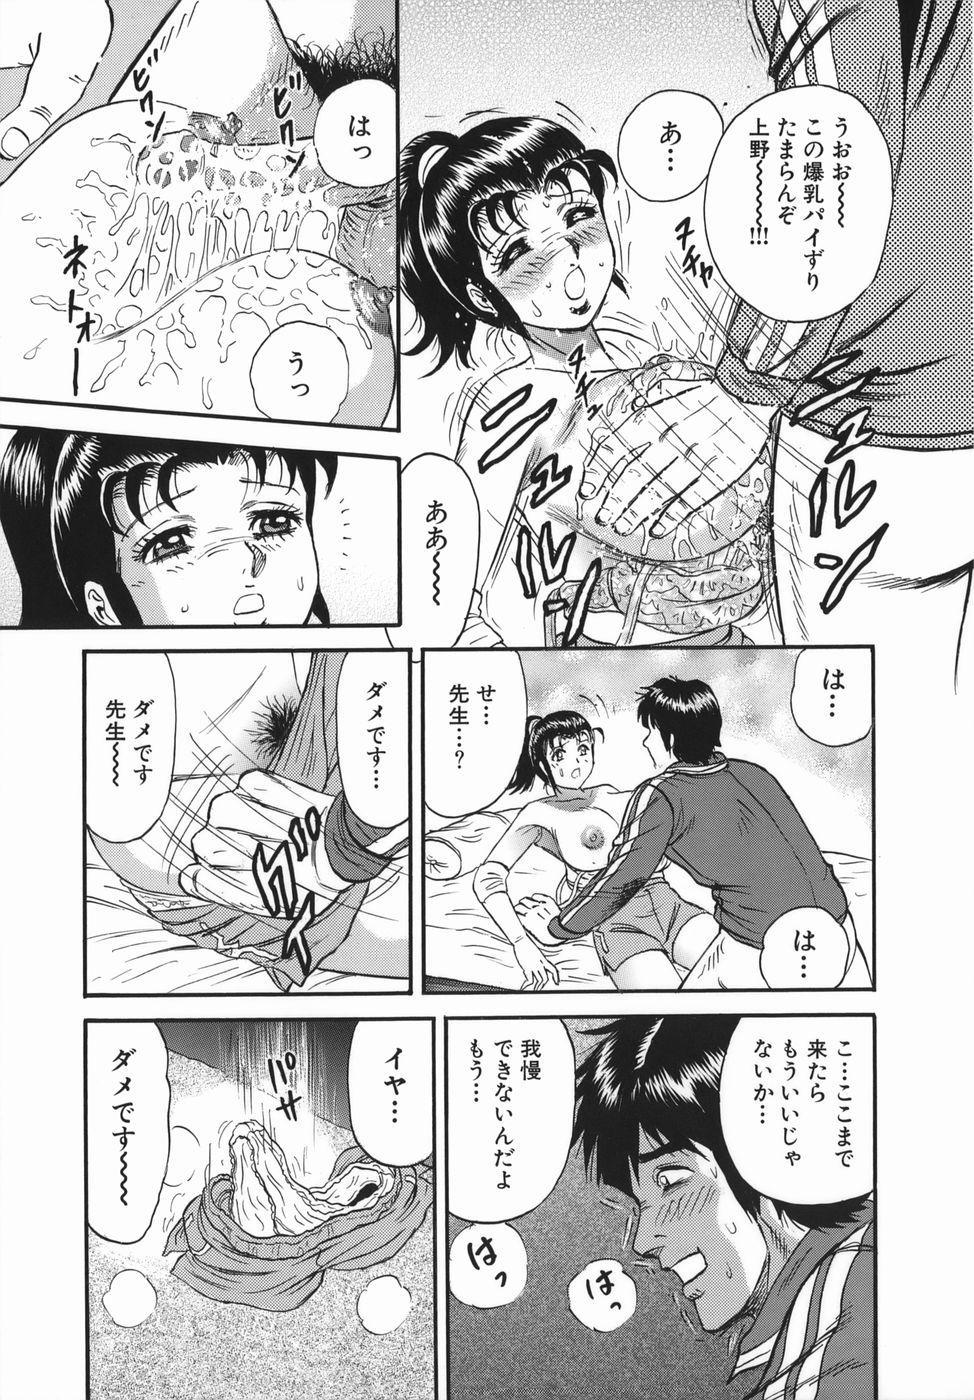 Goukan Hanzai - Rape Crime 108